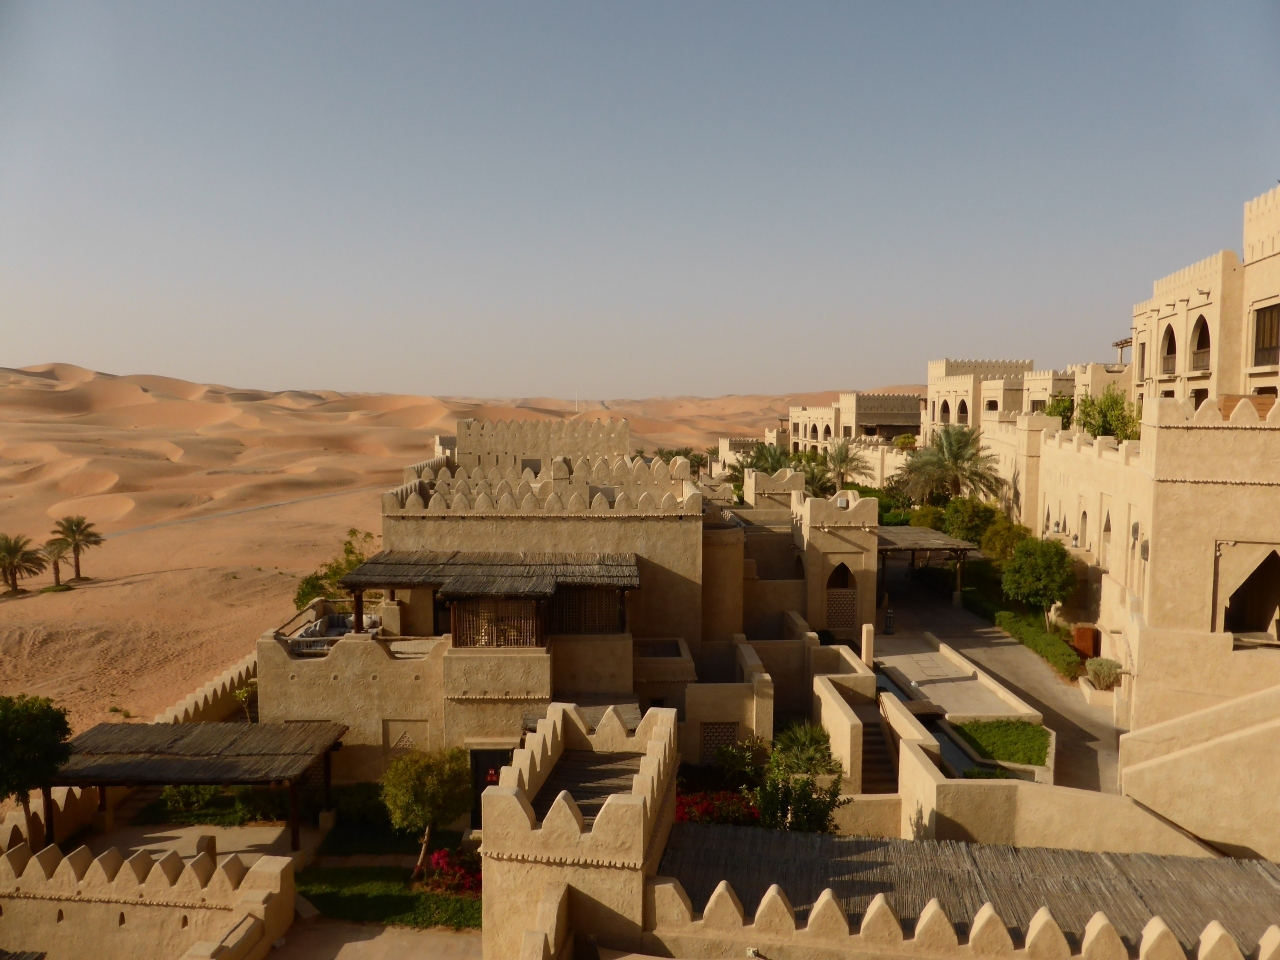 【11位】アナンタラ カスル アル サラブ デザート リゾート/ アラブ首長国連邦